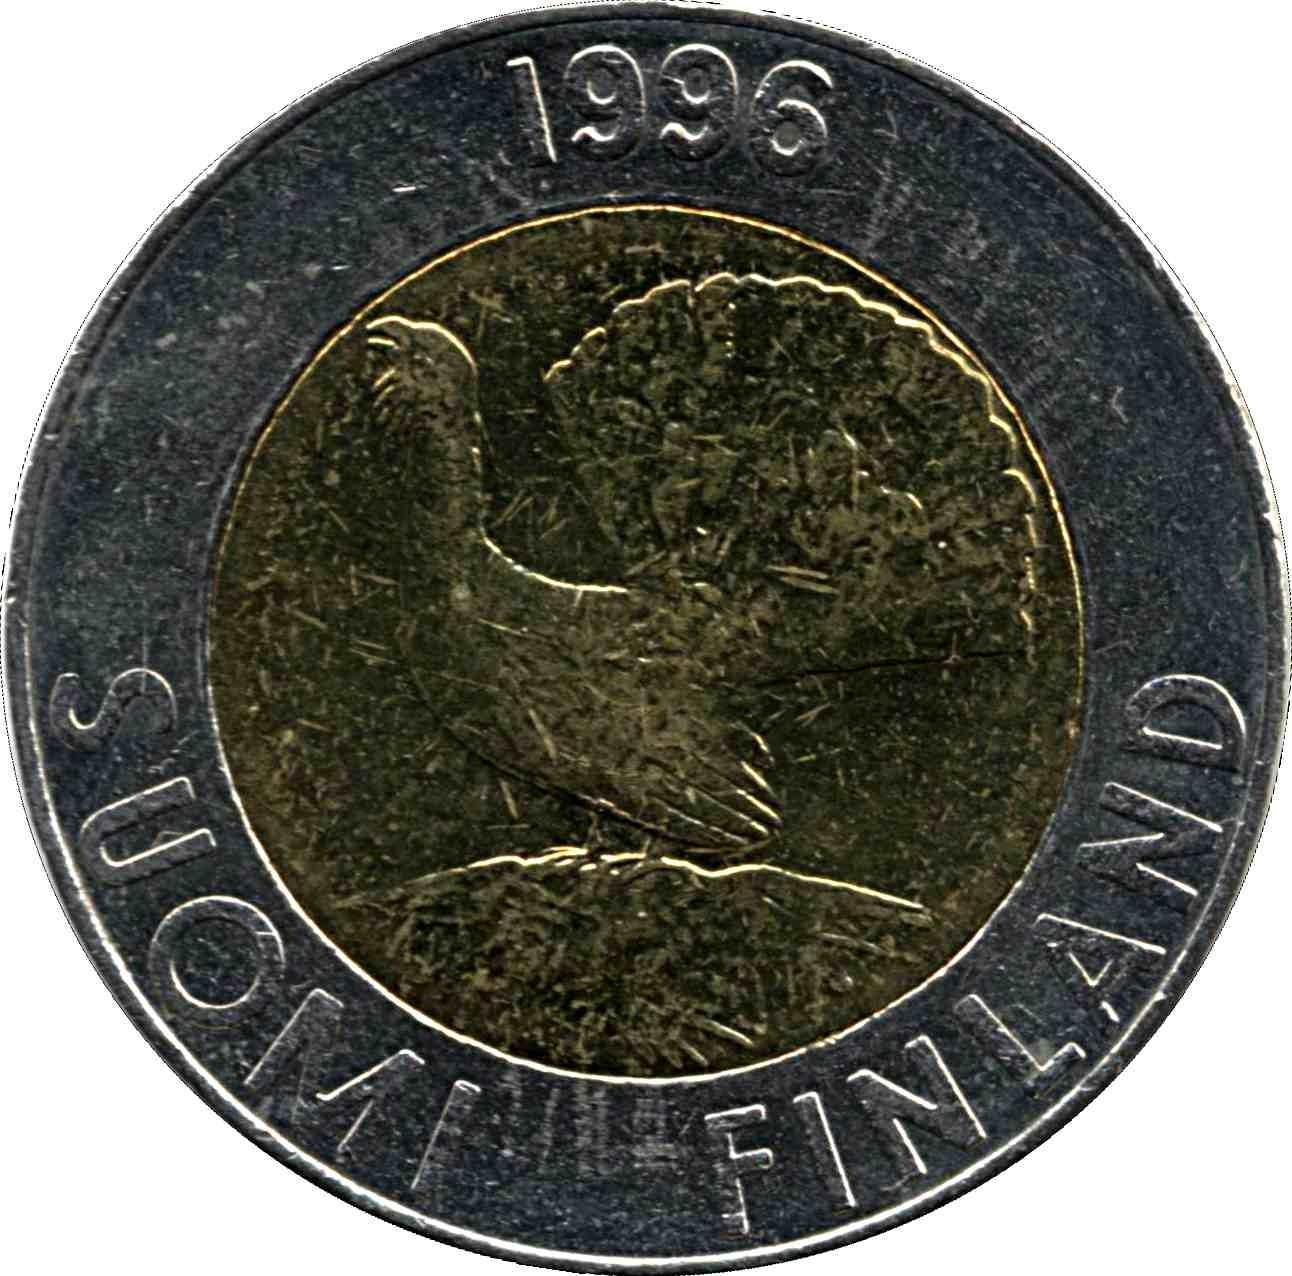 Finland 10 Markkaa